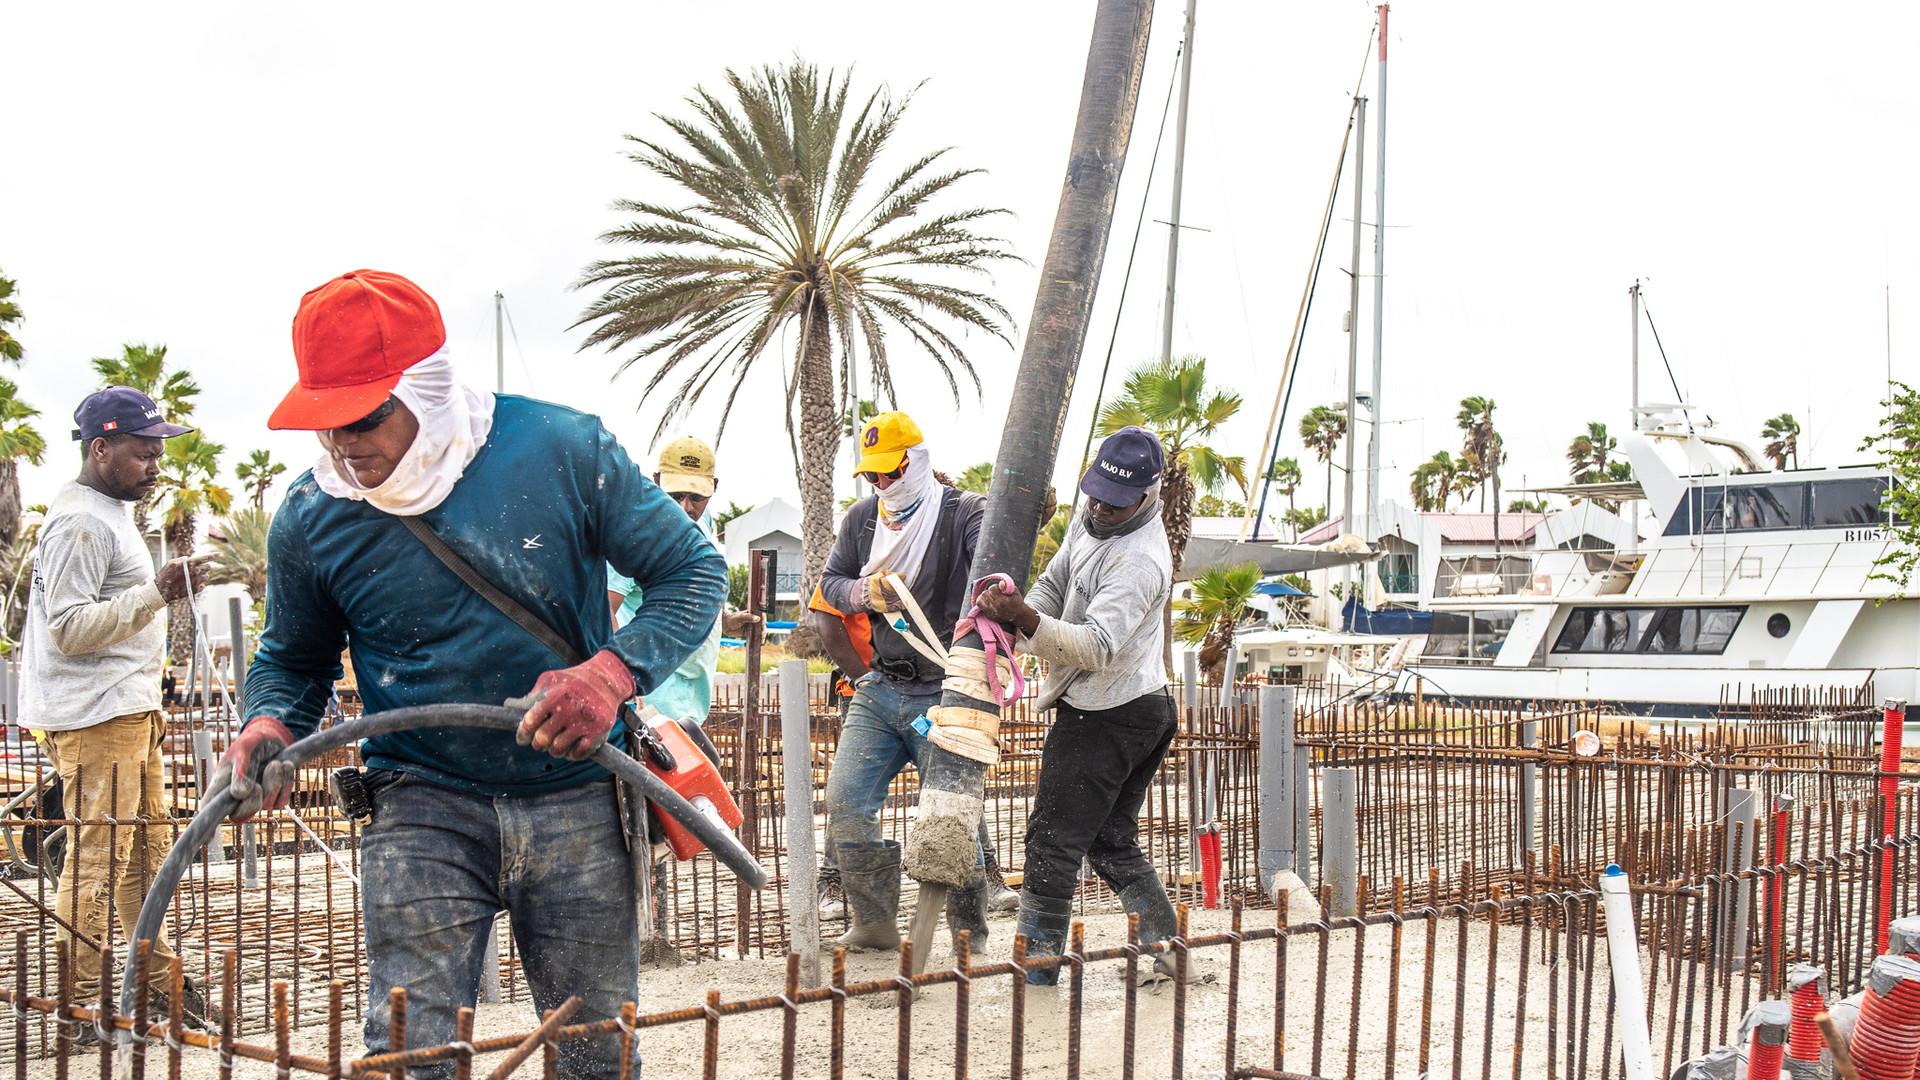 Steen bouwadvies - Plaza Resort Bonaire